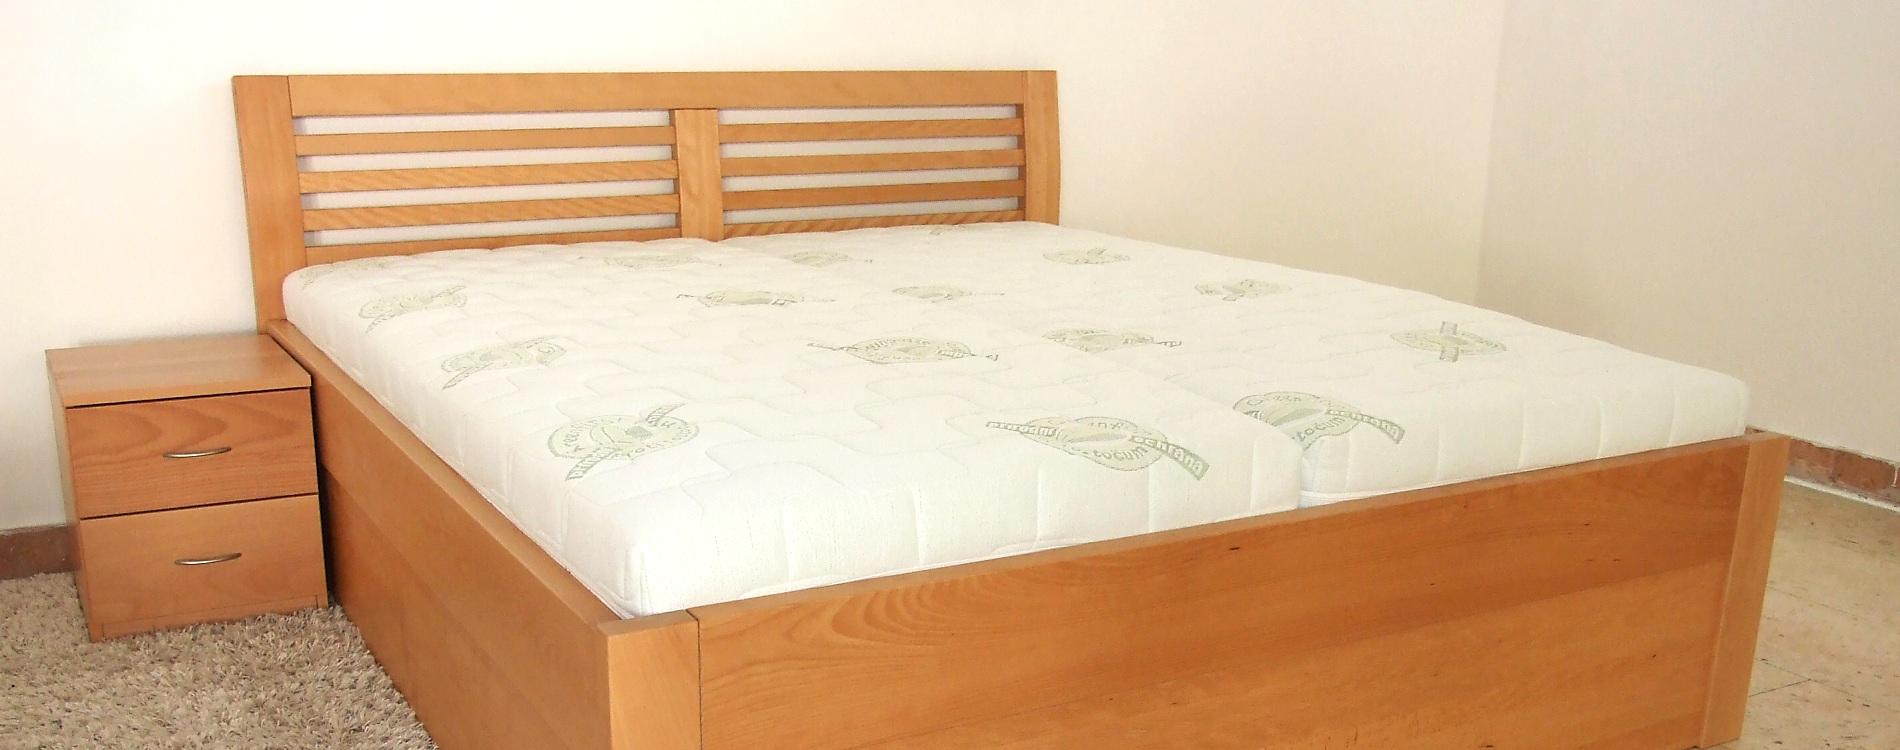 Dřevěná masivní postel